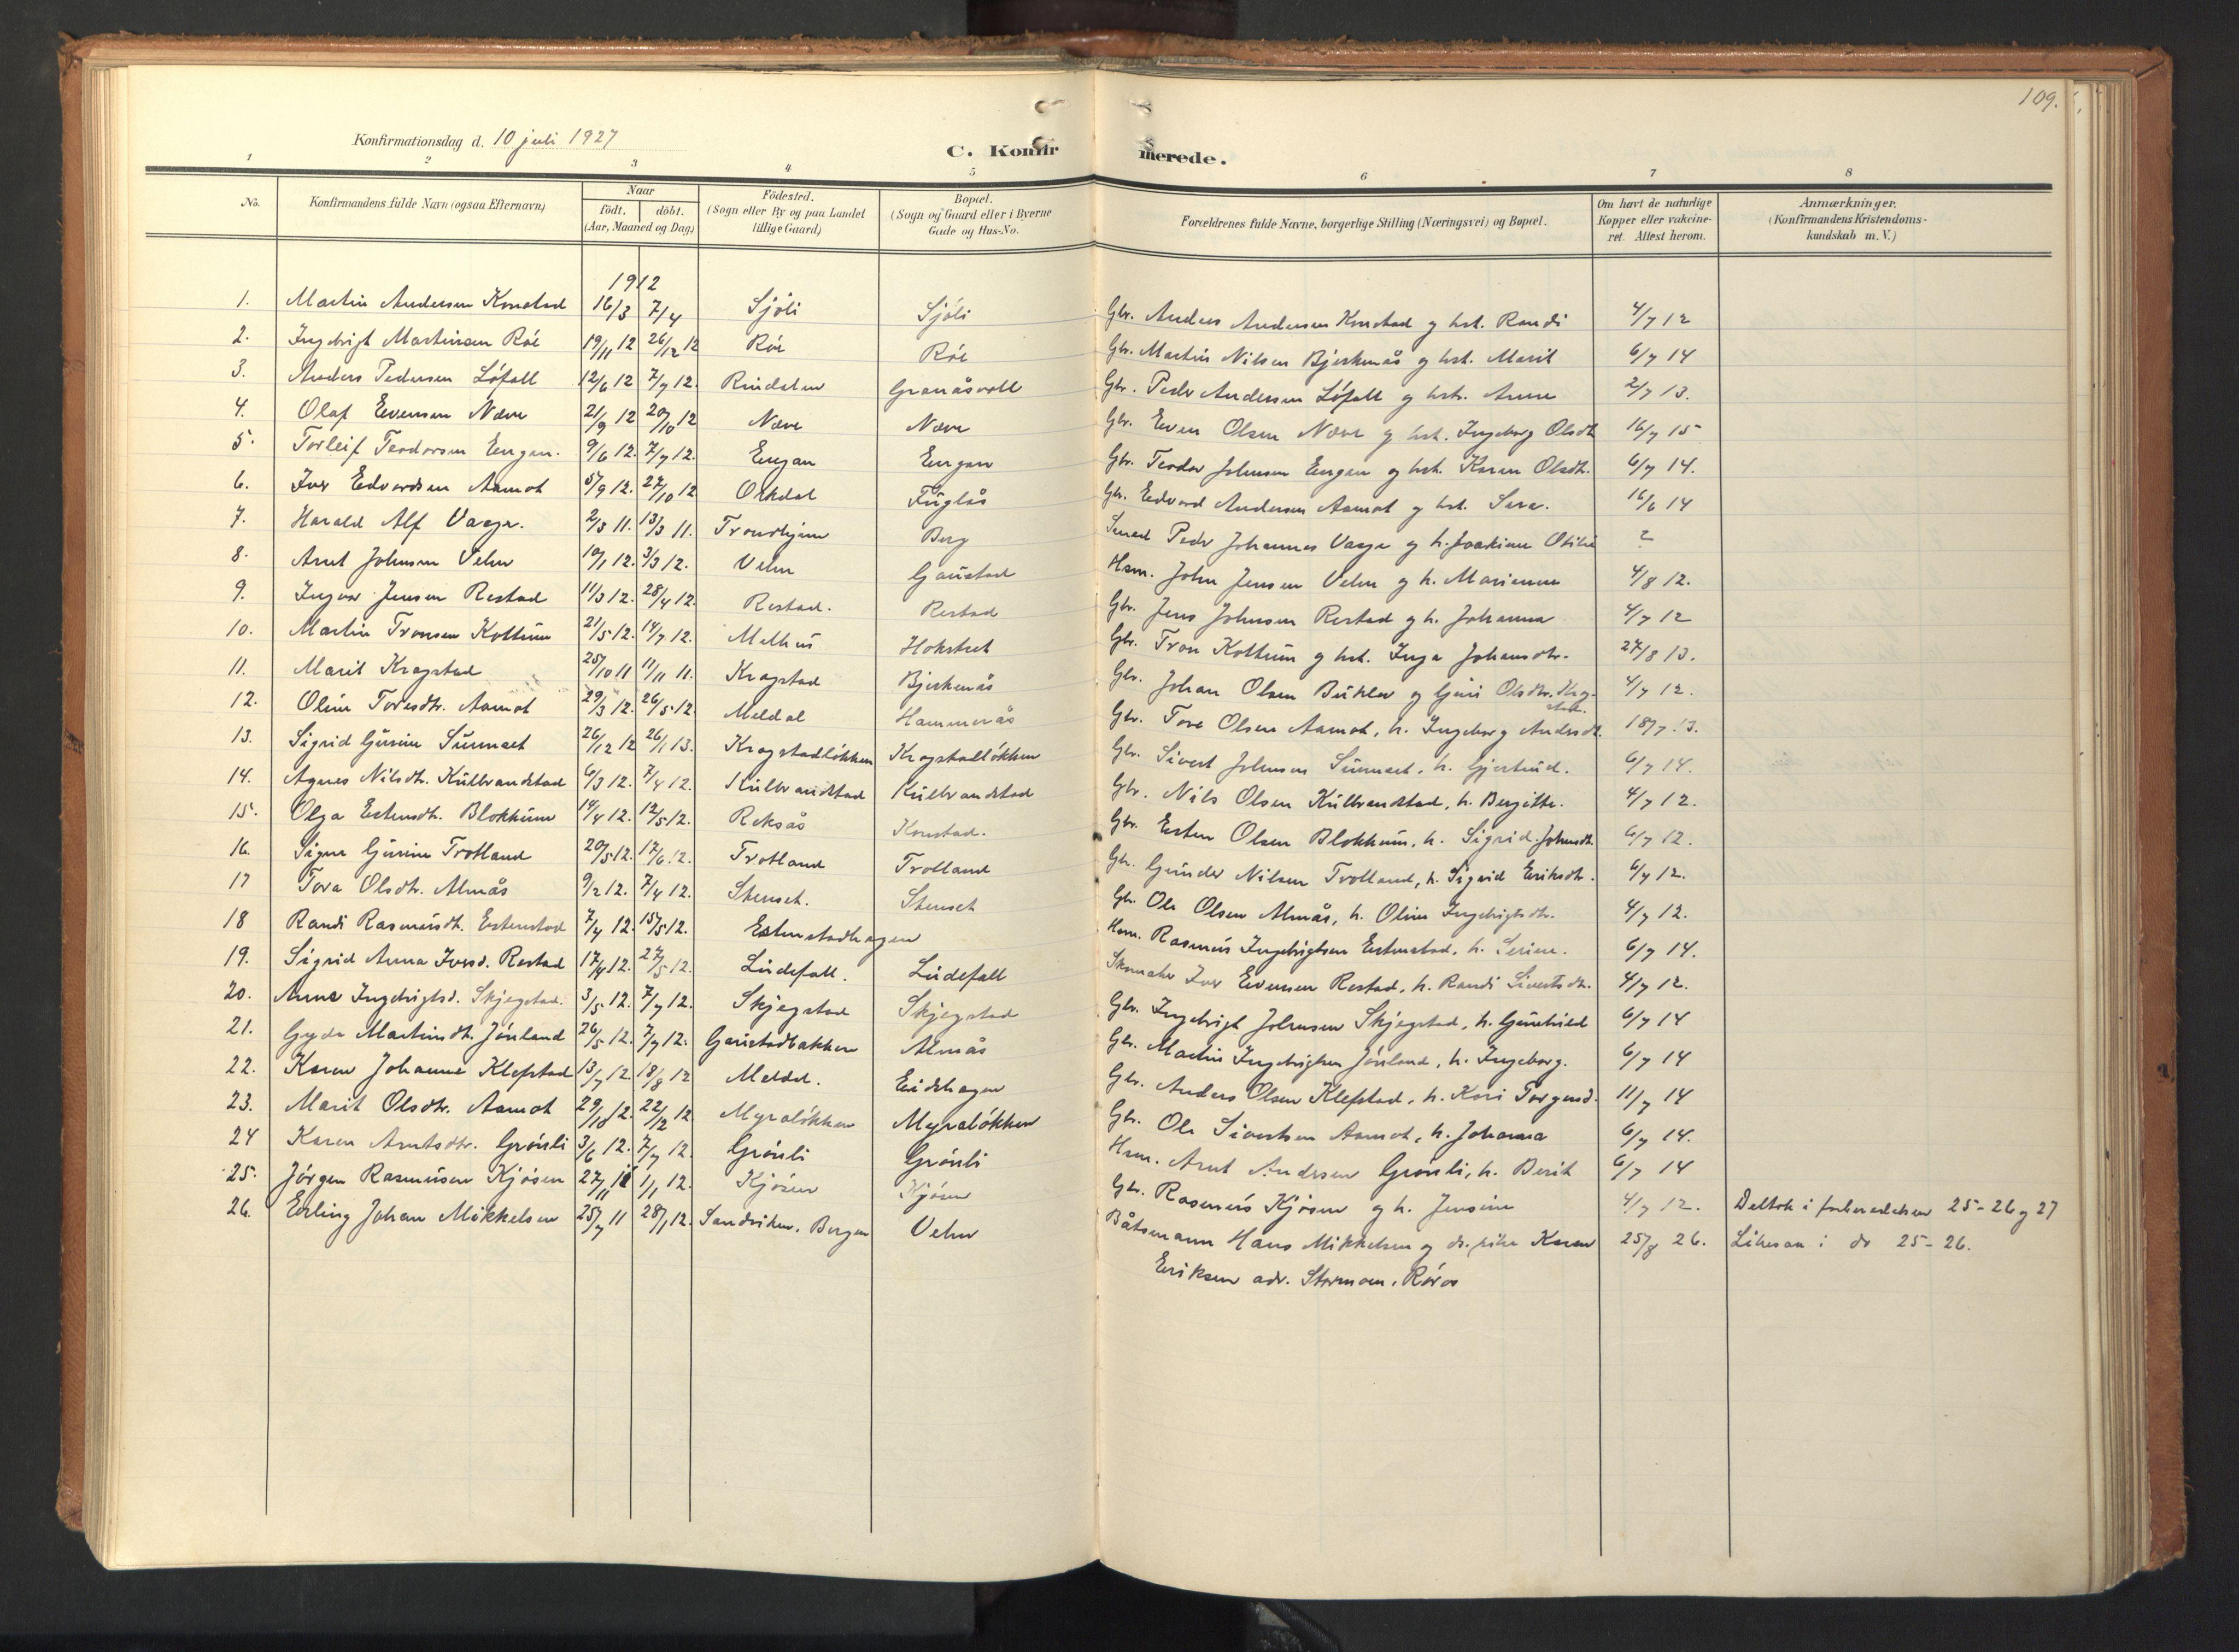 SAT, Ministerialprotokoller, klokkerbøker og fødselsregistre - Sør-Trøndelag, 694/L1128: Ministerialbok nr. 694A02, 1906-1931, s. 109